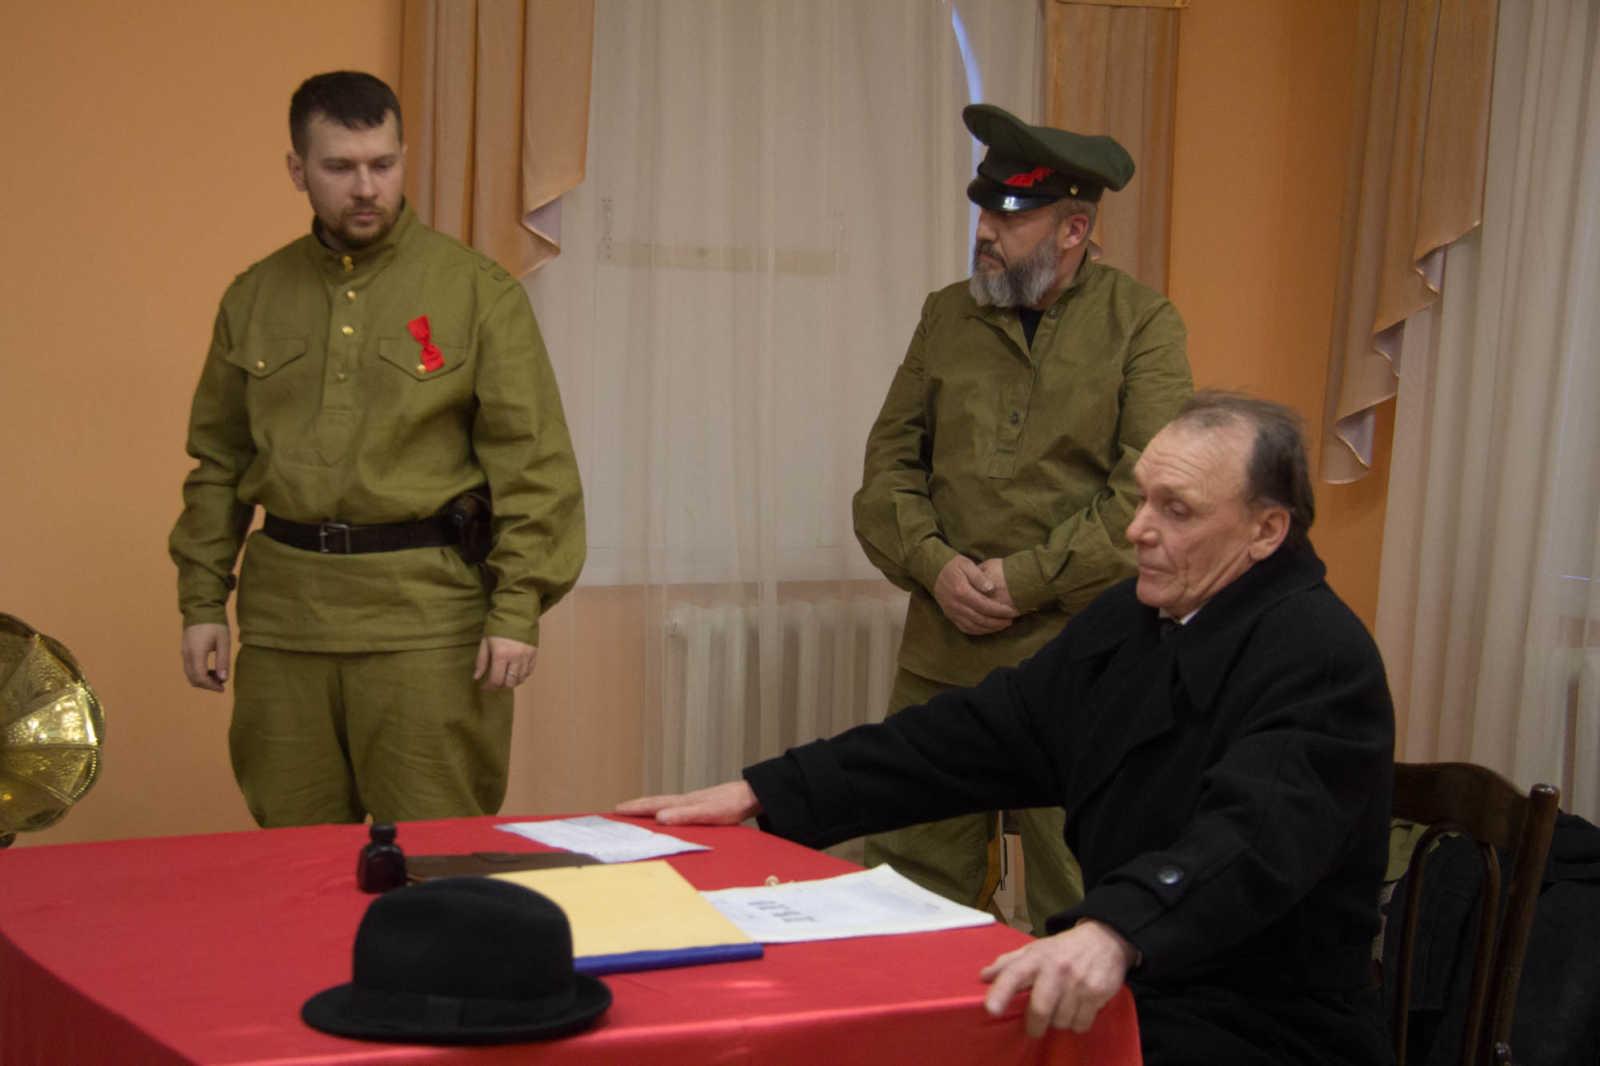 Спектакль «Где брат твой?», храм прп.Сергия Радонежского г.Челябинск, 2019